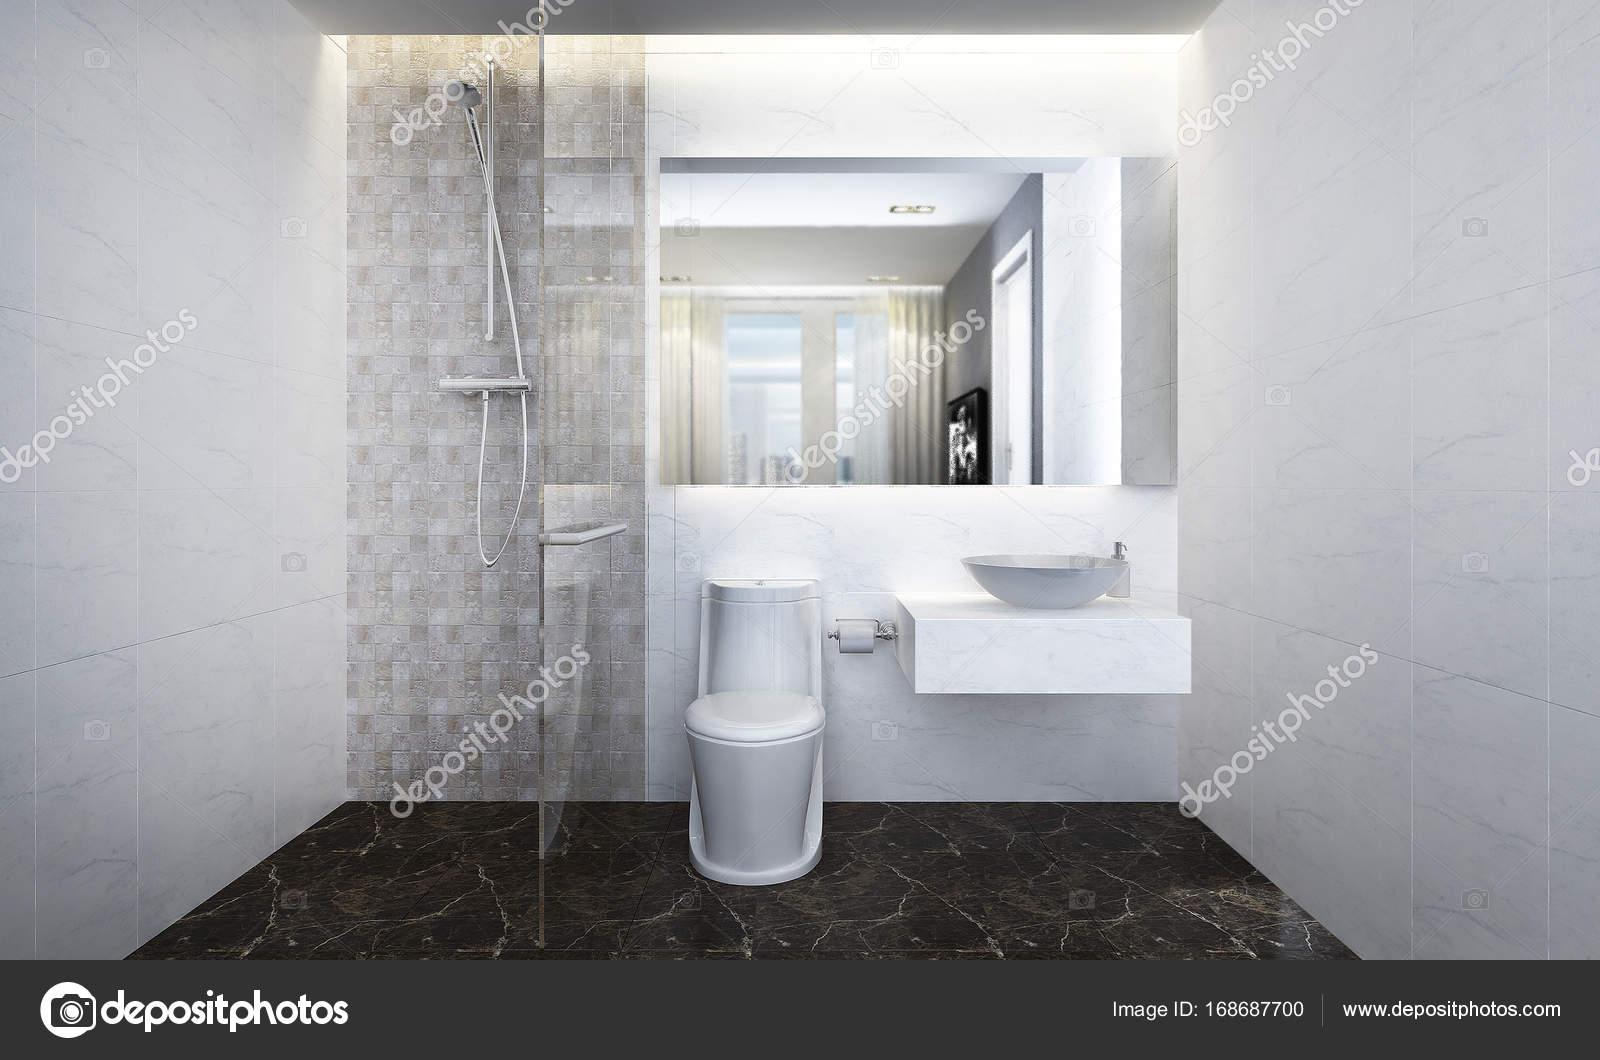 Badkamer En Toilet : Minimale interieur voor badkamer en toilet u stockfoto teeraphan